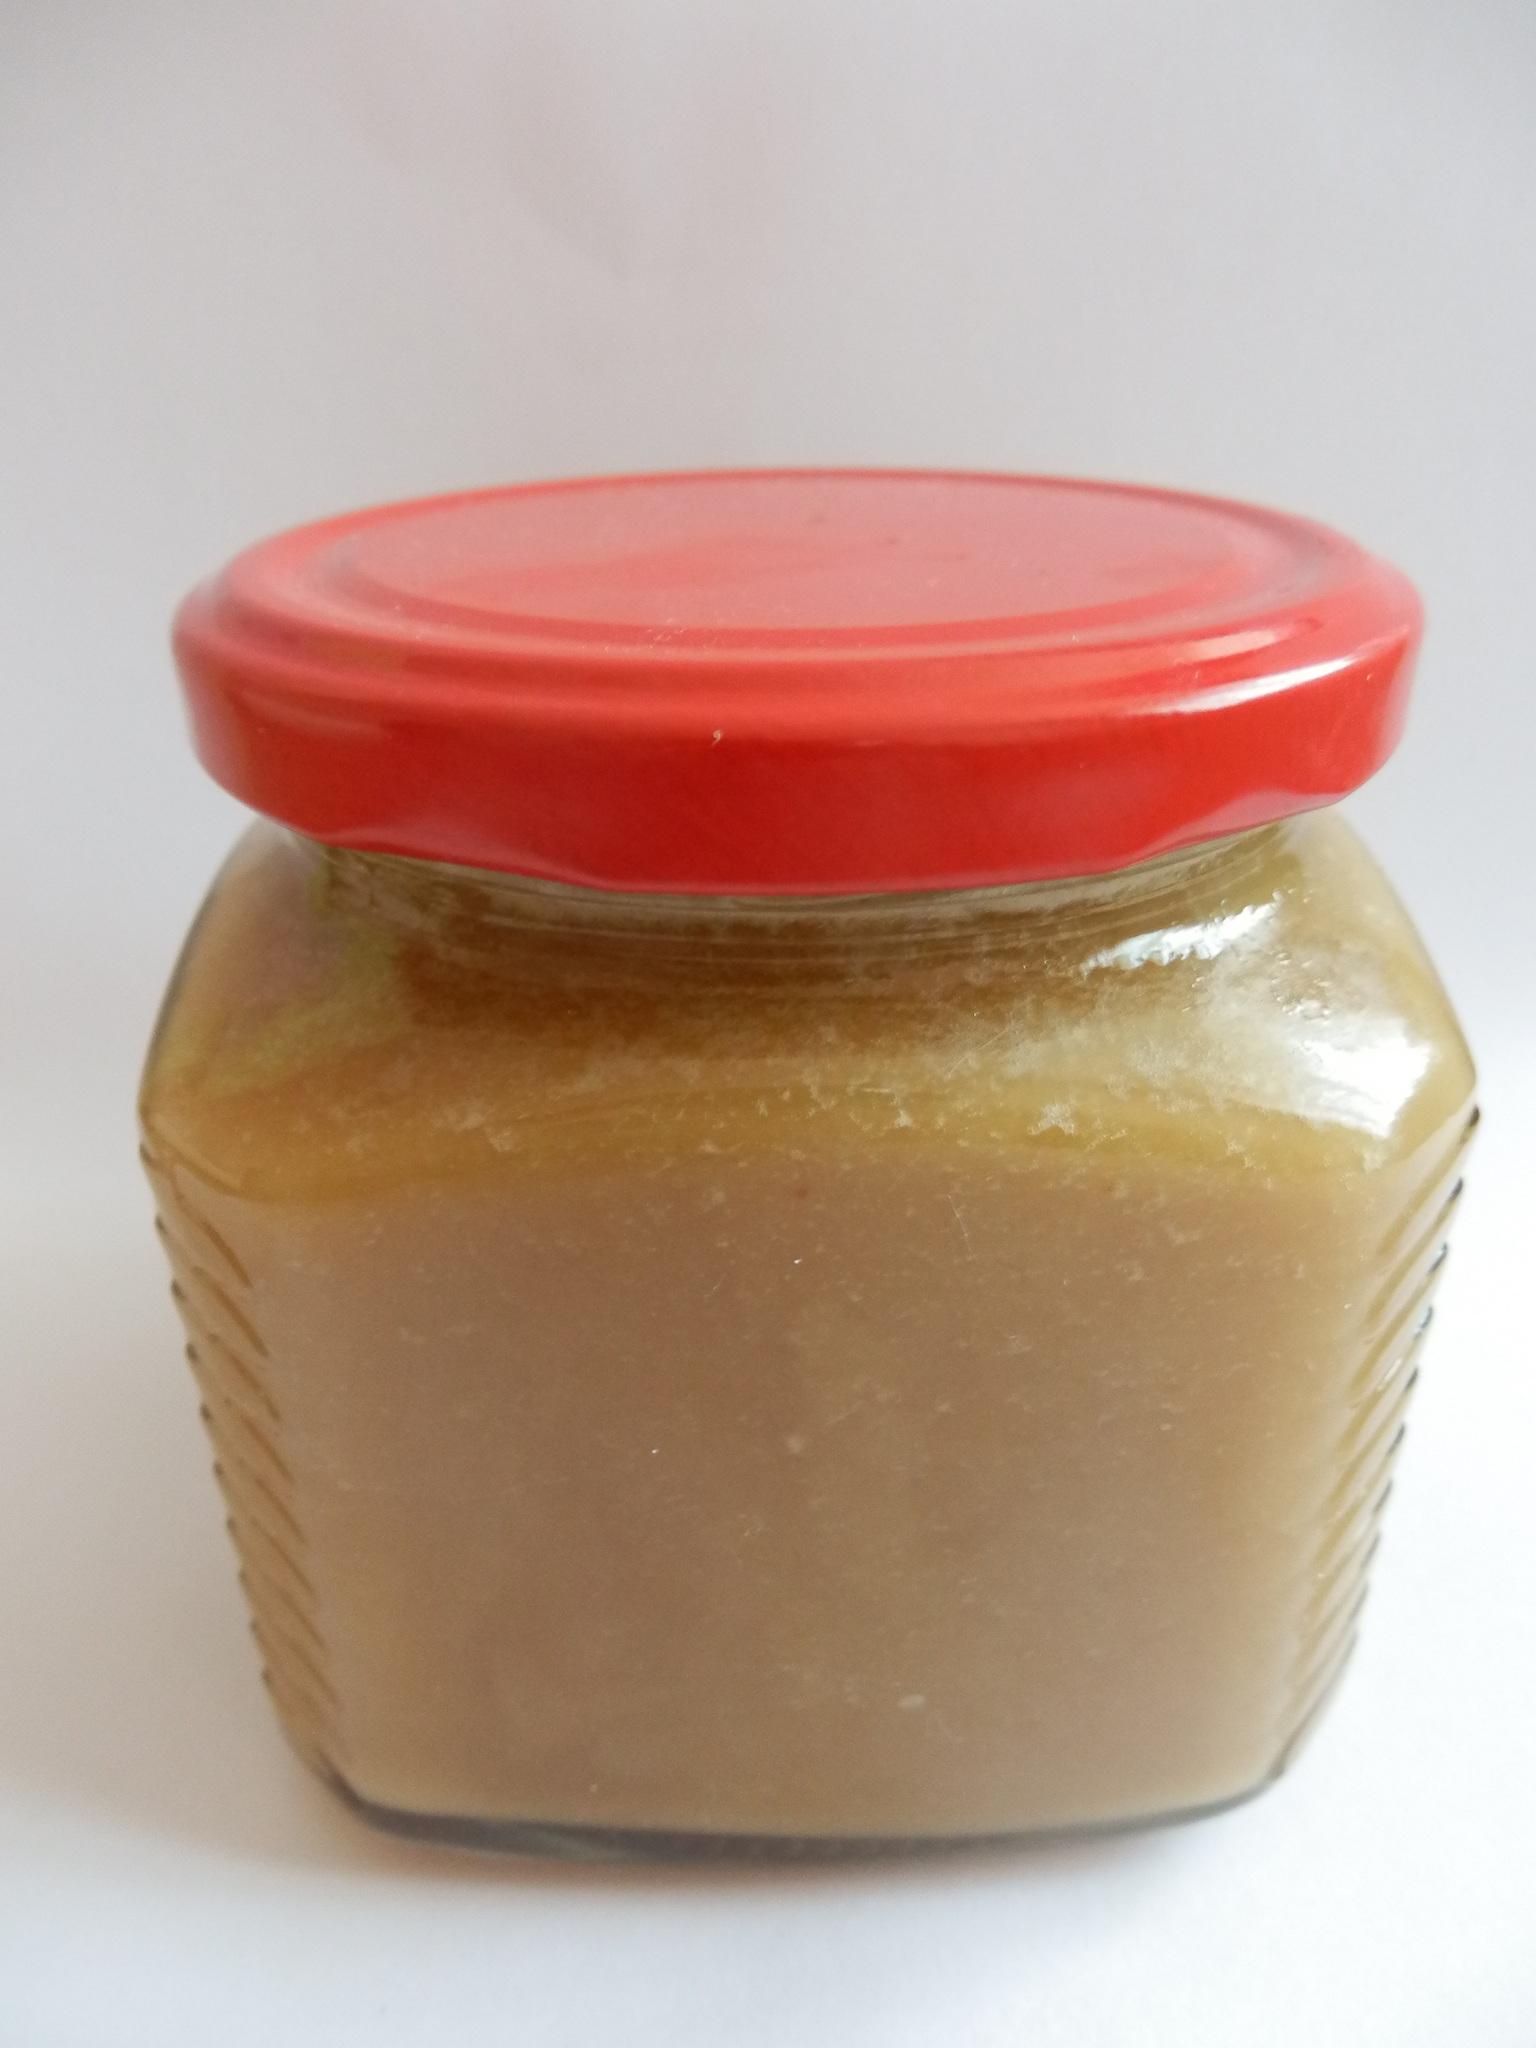 цветочный мед фото3